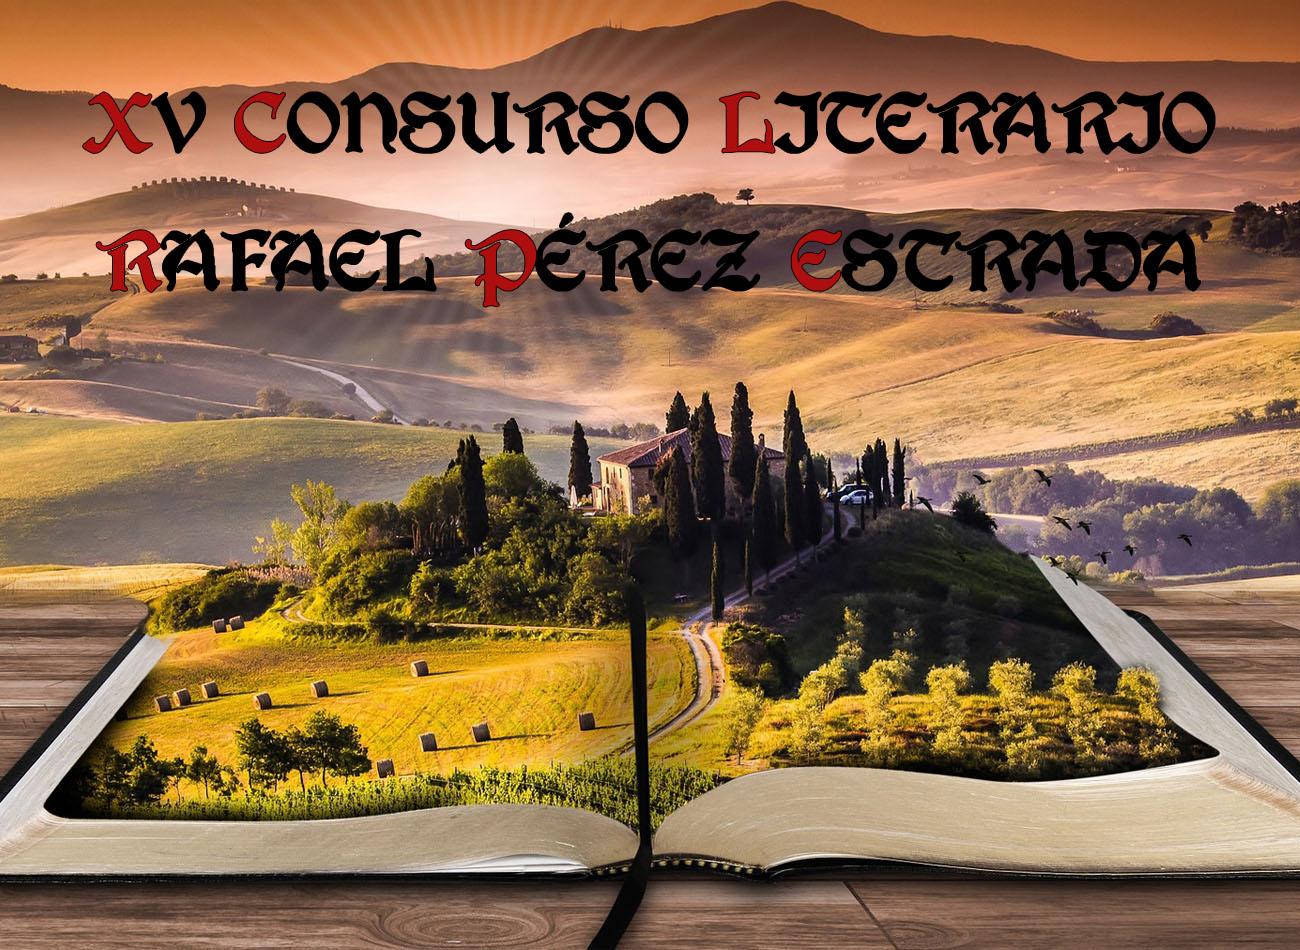 XV Concurso literario Rafael Pérez Estrada